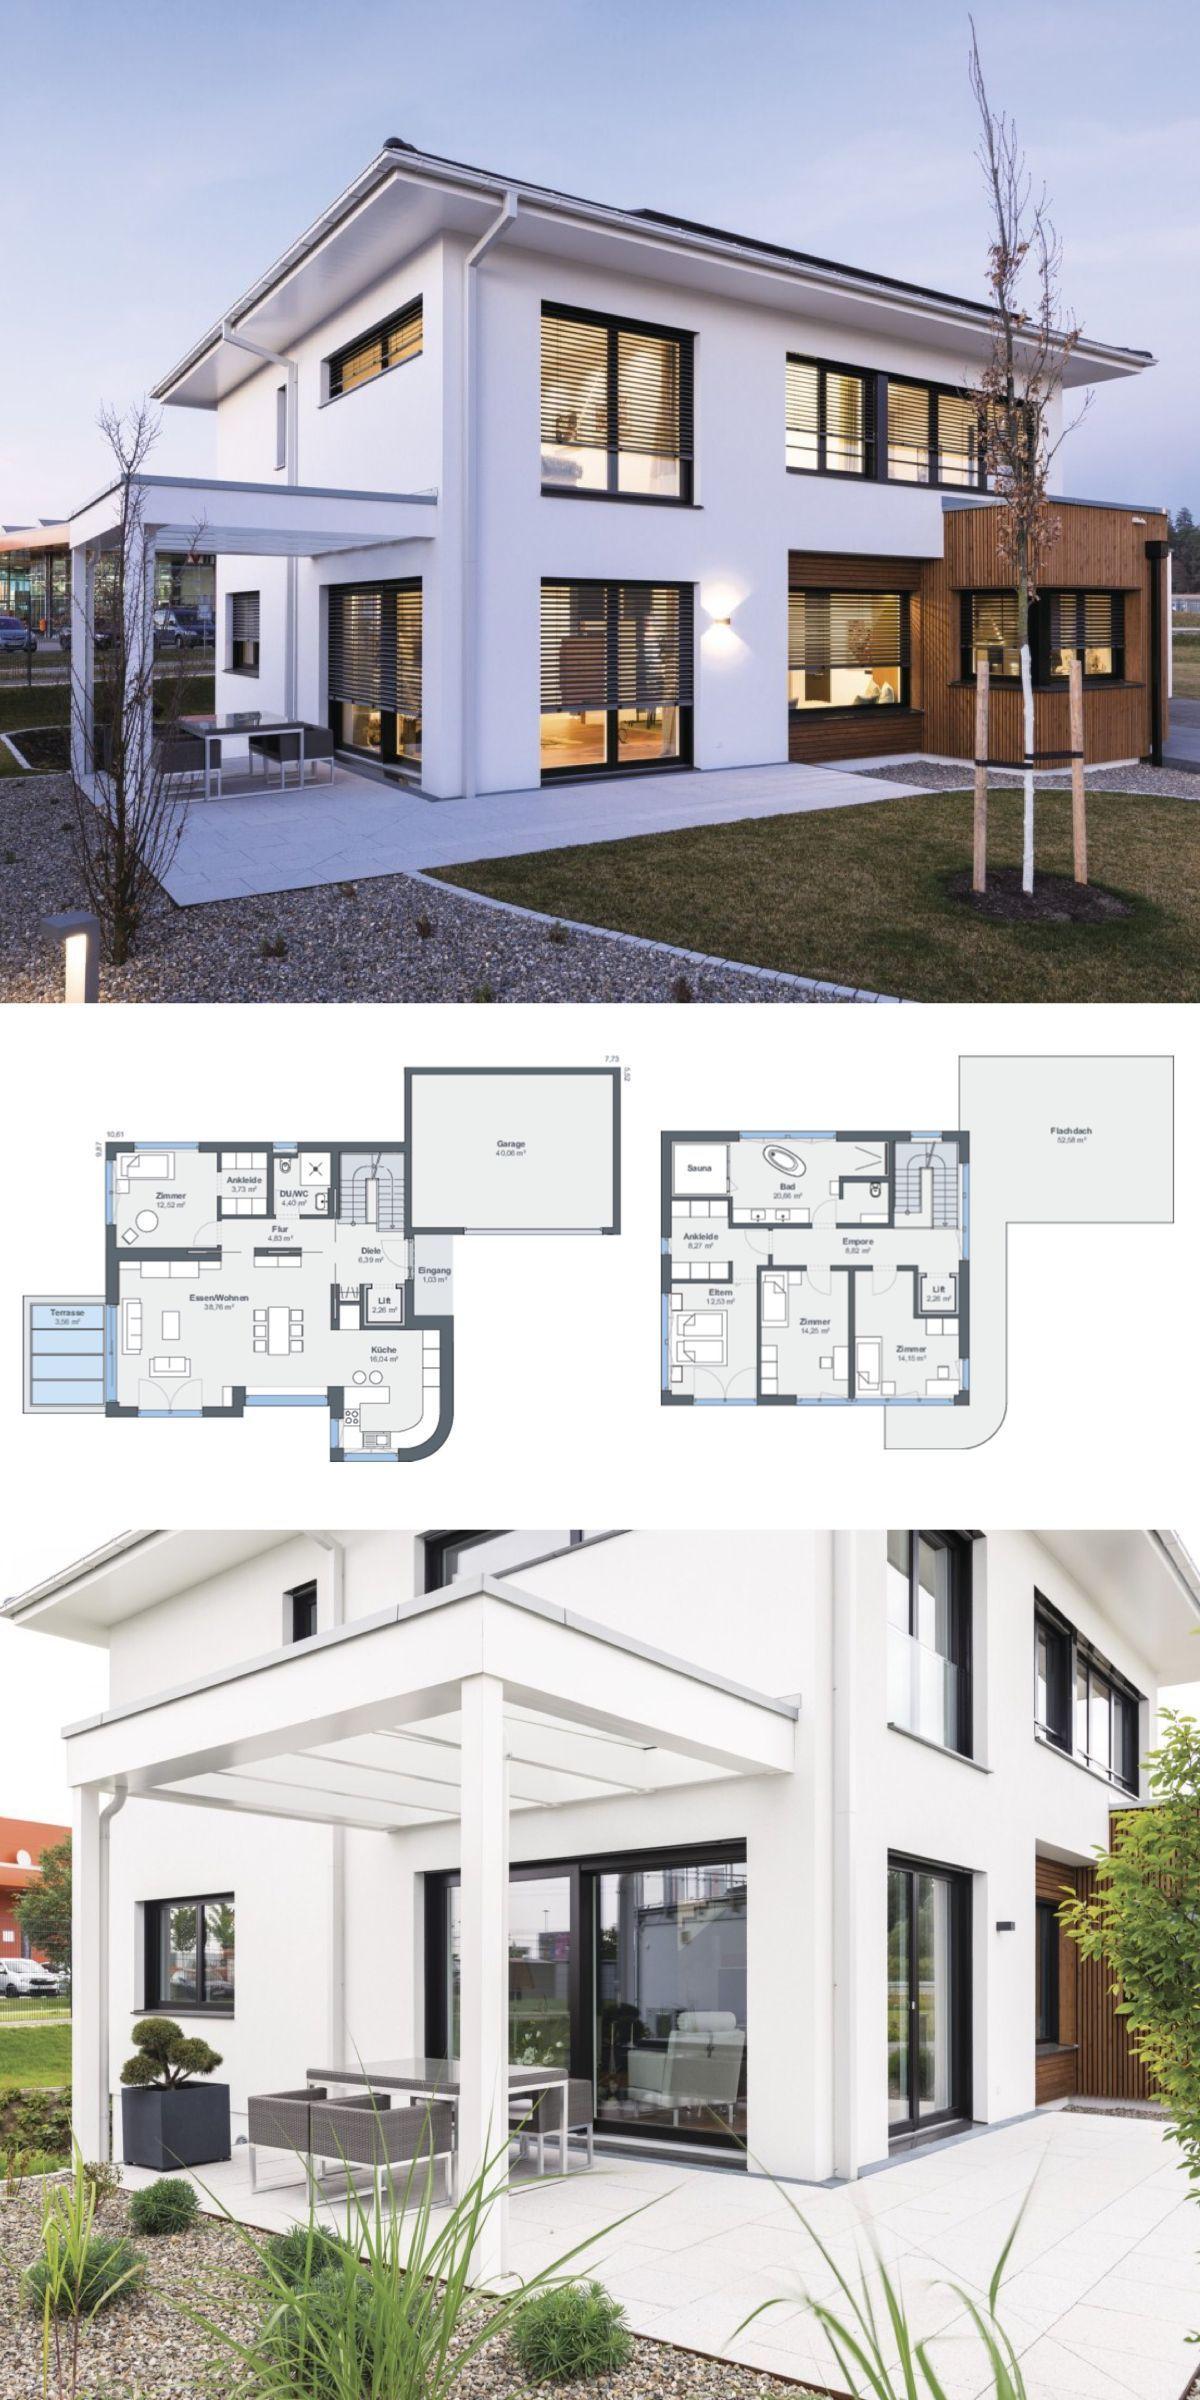 stadtvilla neubau modern mit garage pergola walmdach architektur haus bauen grundriss ideen. Black Bedroom Furniture Sets. Home Design Ideas